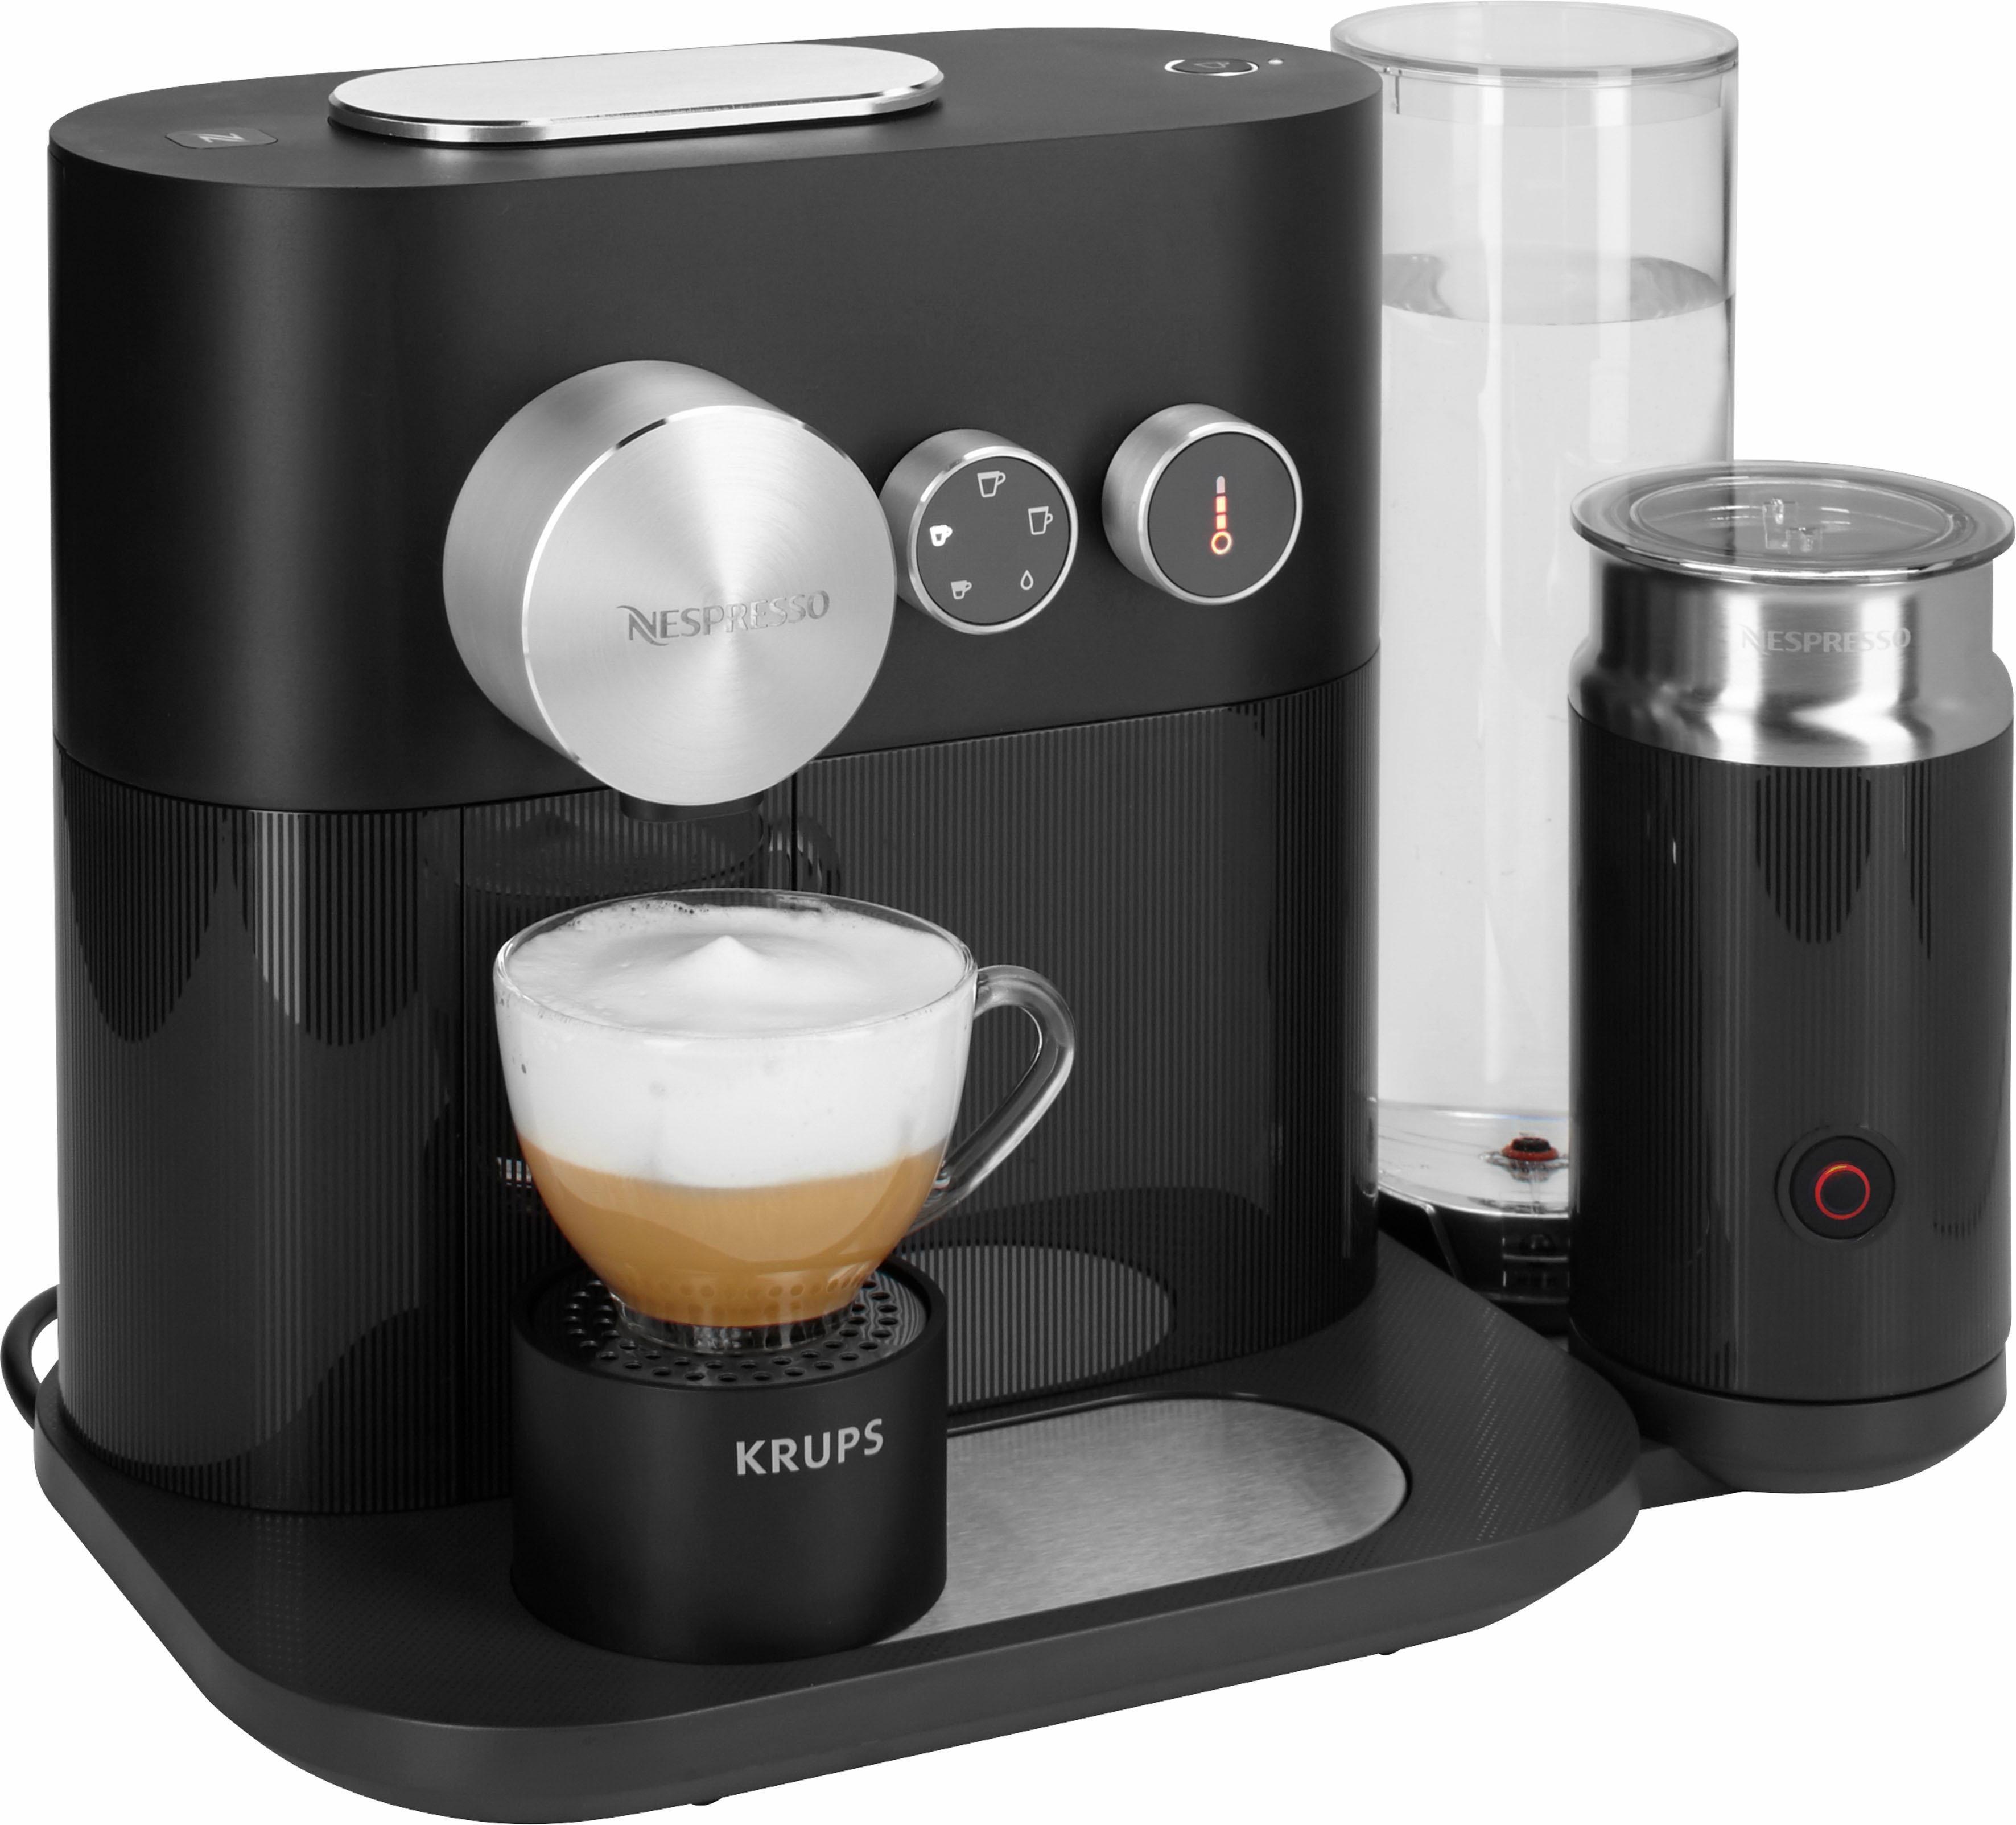 Nespresso Kapselmaschine NESPRESSO XN6018 Expert&Milk, inkl. Aeroccino³ Milchaufschäumer und Bluetooth - Nespresso